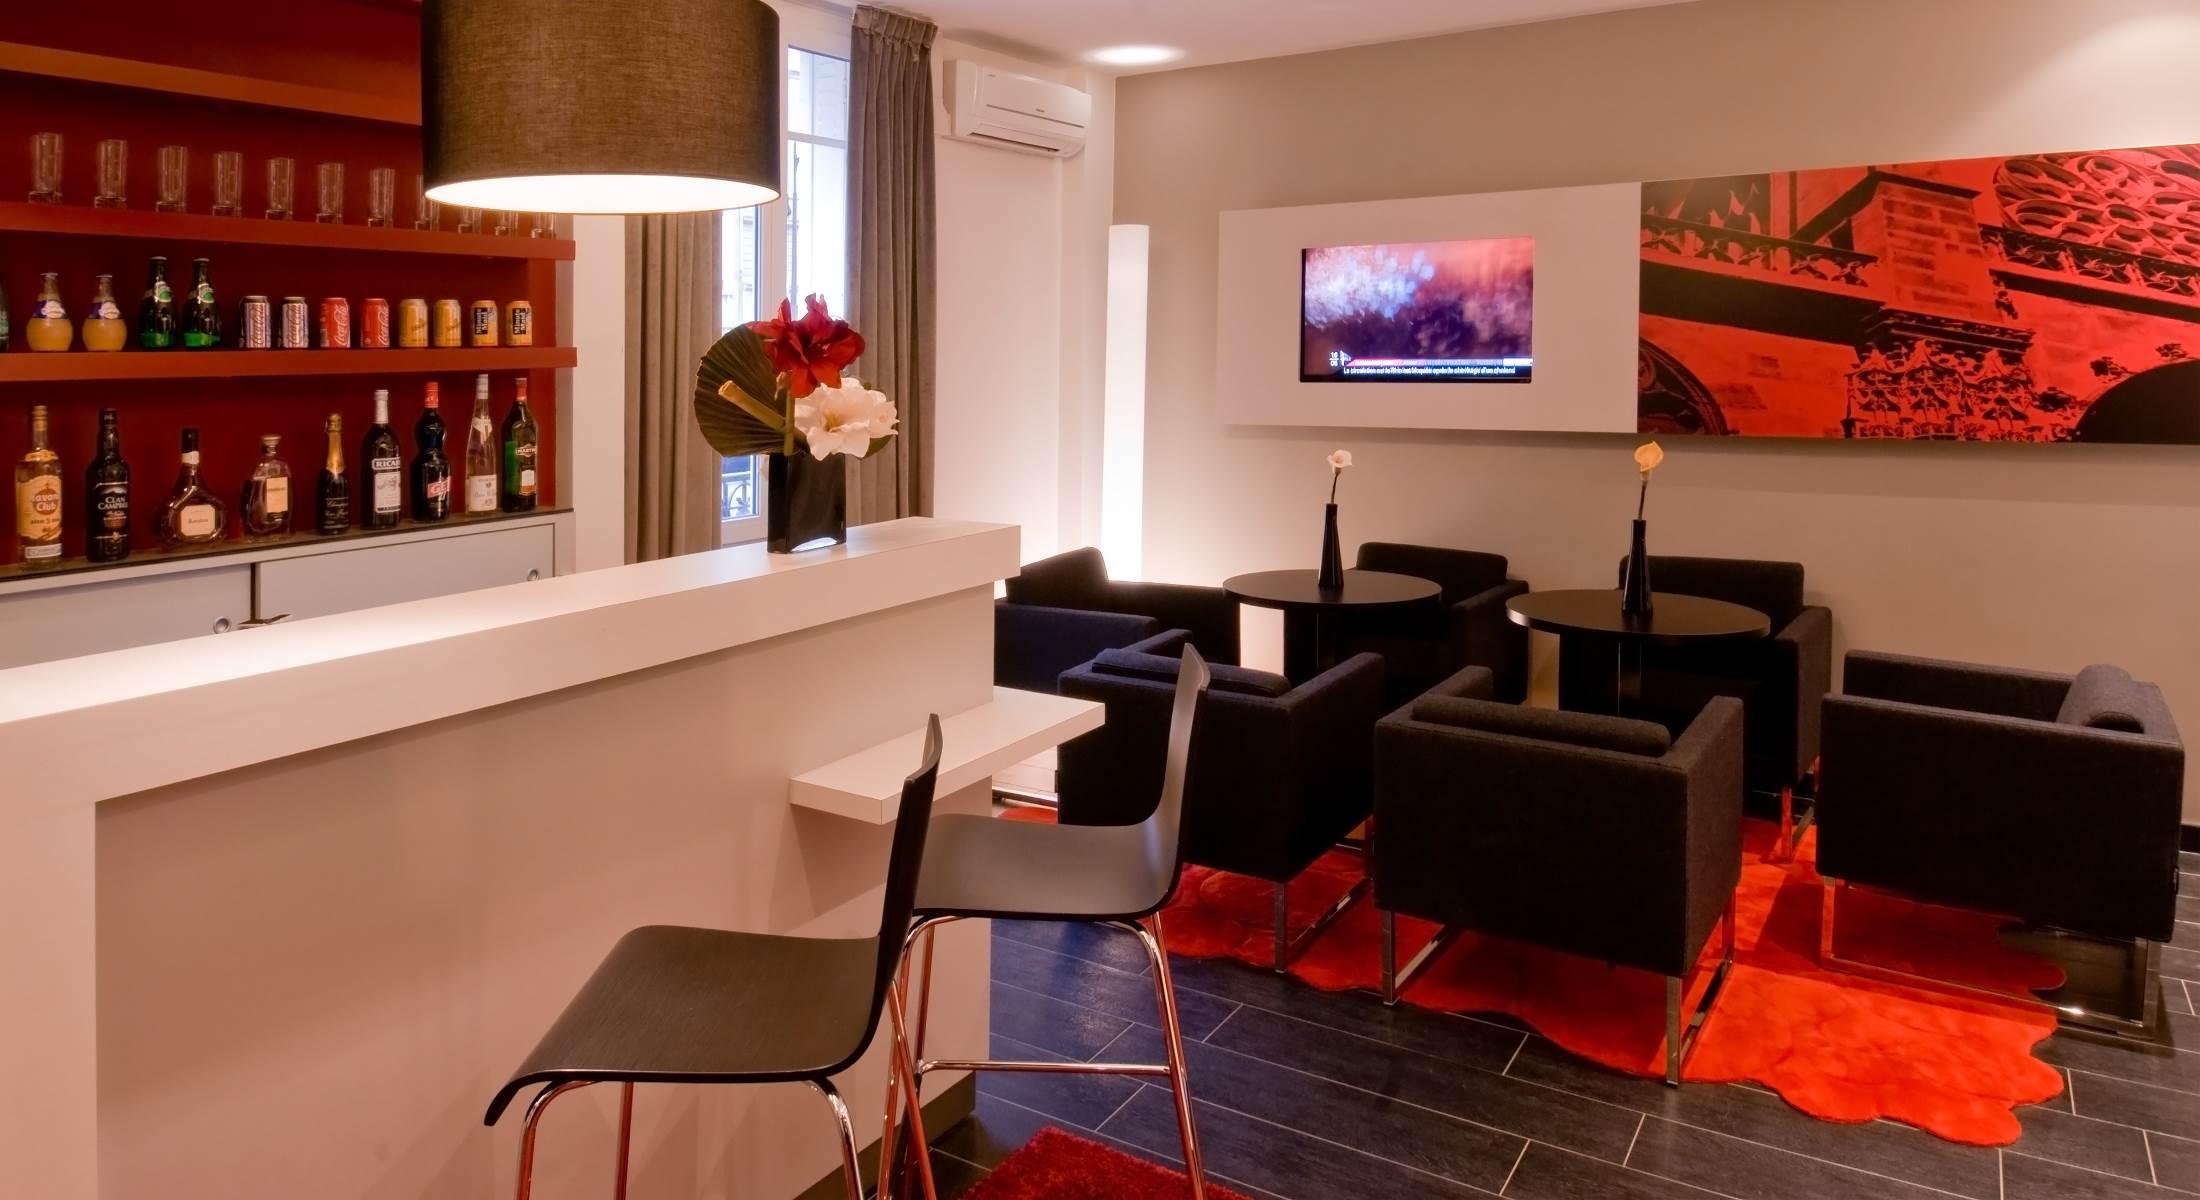 Hotel le bailli de suffren paris r server un h tel for Hotel design paris 8